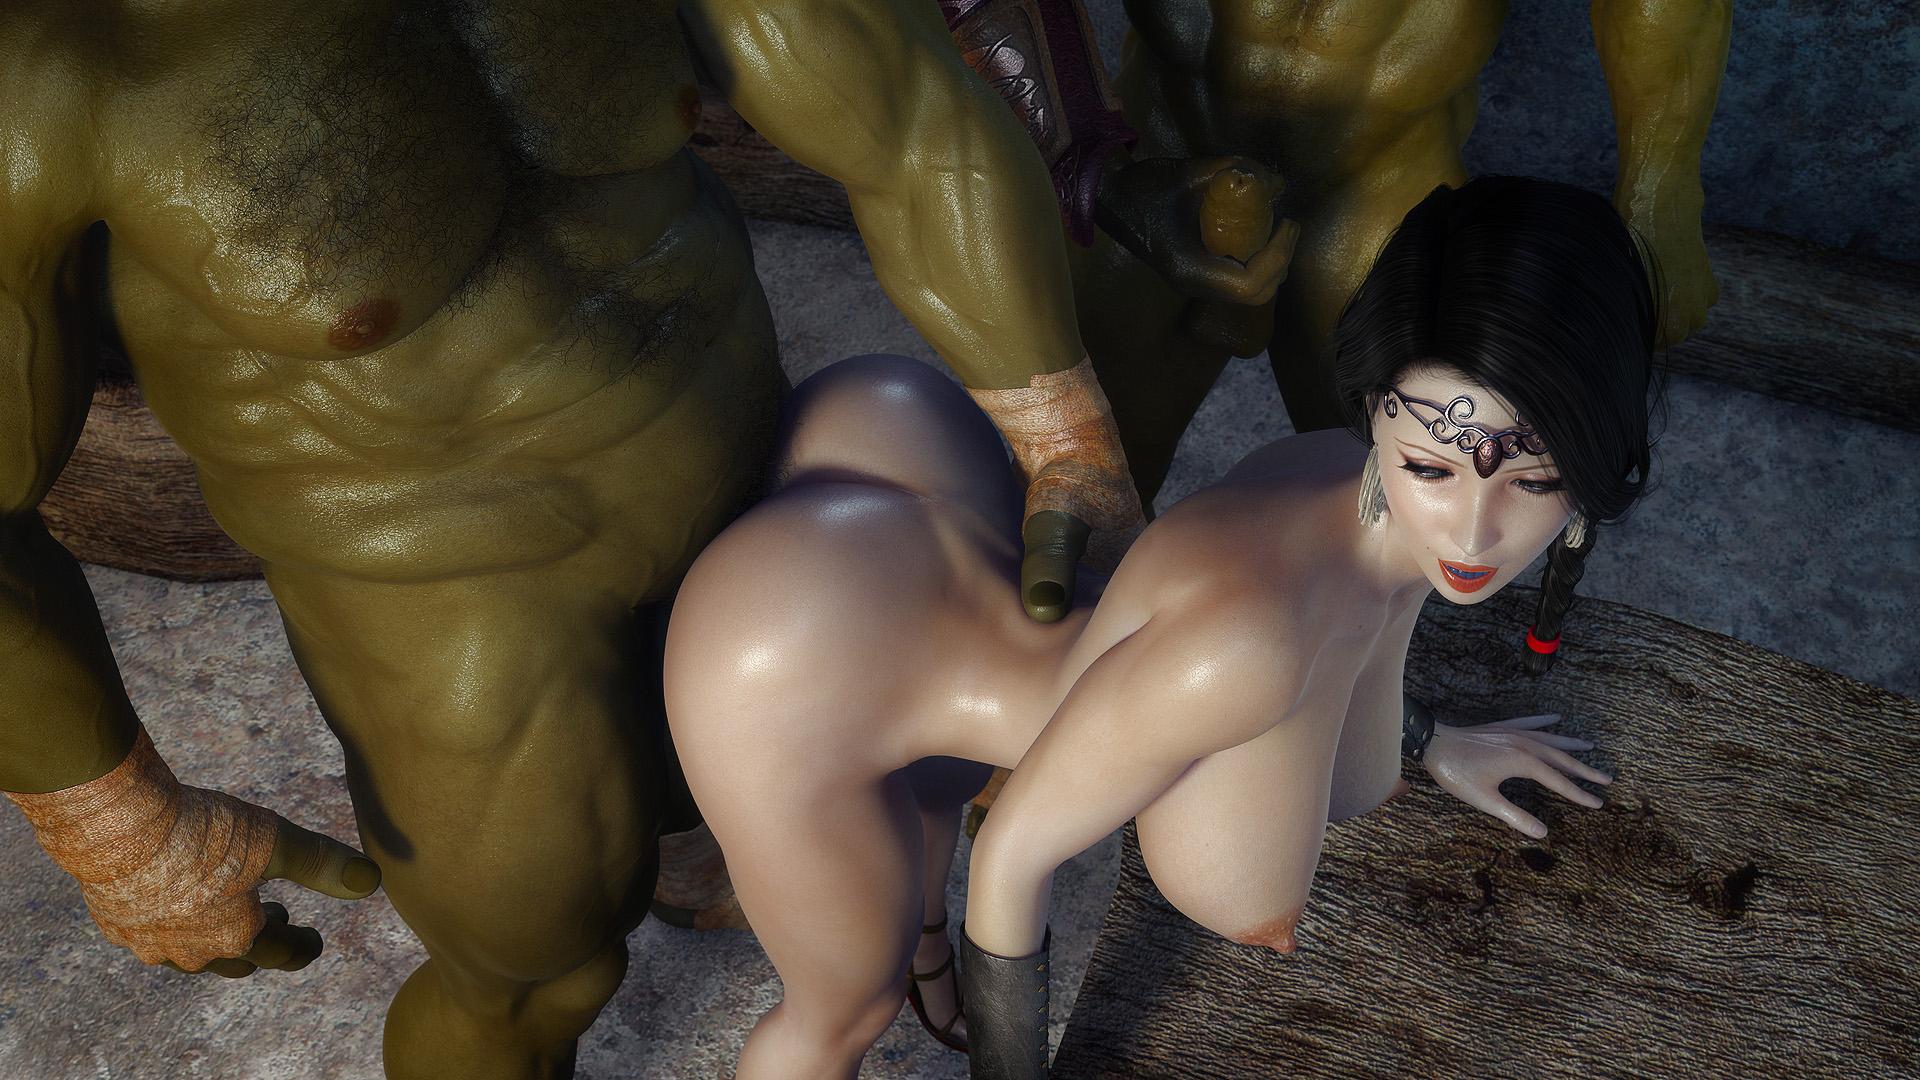 Сексуальные мультики 3d, Мультики порно, смотреть секс Мультфильмы 14 фотография